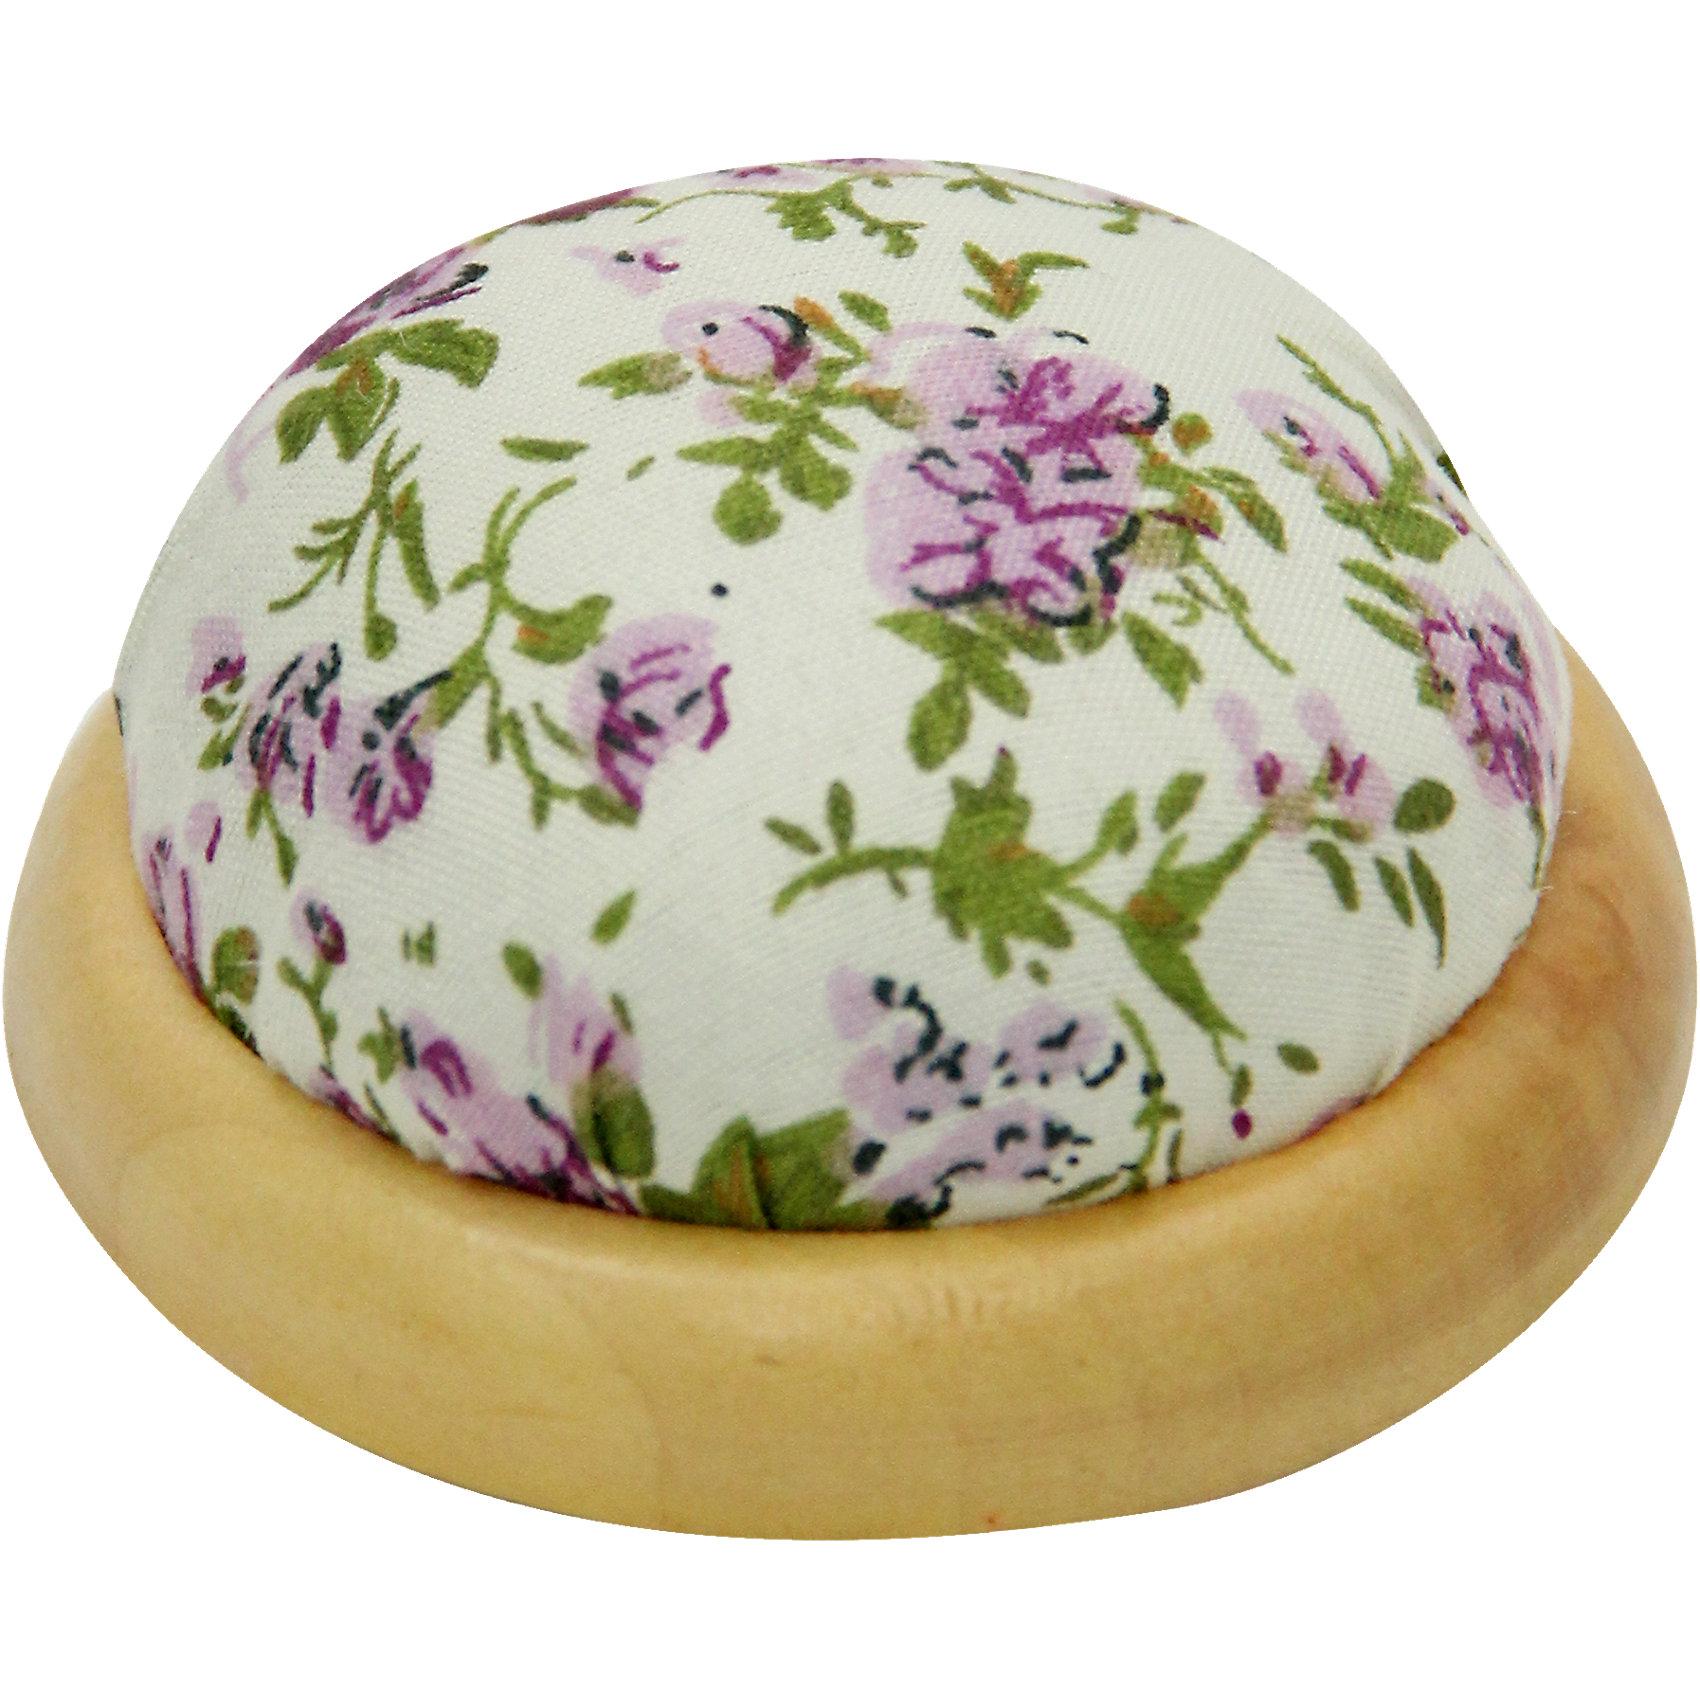 Игольница-подушечка Фиолетовые цветы 7,3*4,5 смИгольница-подушечка - прекрасный подарок, который понравится любой рукодельнице! Игольница выполнена из прочного текстильного материала, украшенного нежным цветочным принтом. Подставка из дерева удобная и устойчивая. Прекрасный вариант для памятного сувенира!<br><br>Дополнительная информация:<br><br>- Материал: синтетический хлопок, полиэстер, древесина вишни.<br>- Размер: 7,3х4,5 см.<br><br>Игольницу-подушечку Фиолетовые цветы, 7,3х4,5 см, можно купить в нашем магазине.<br><br>Ширина мм: 73<br>Глубина мм: 45<br>Высота мм: 45<br>Вес г: 50<br>Возраст от месяцев: 108<br>Возраст до месяцев: 2147483647<br>Пол: Женский<br>Возраст: Детский<br>SKU: 4548394